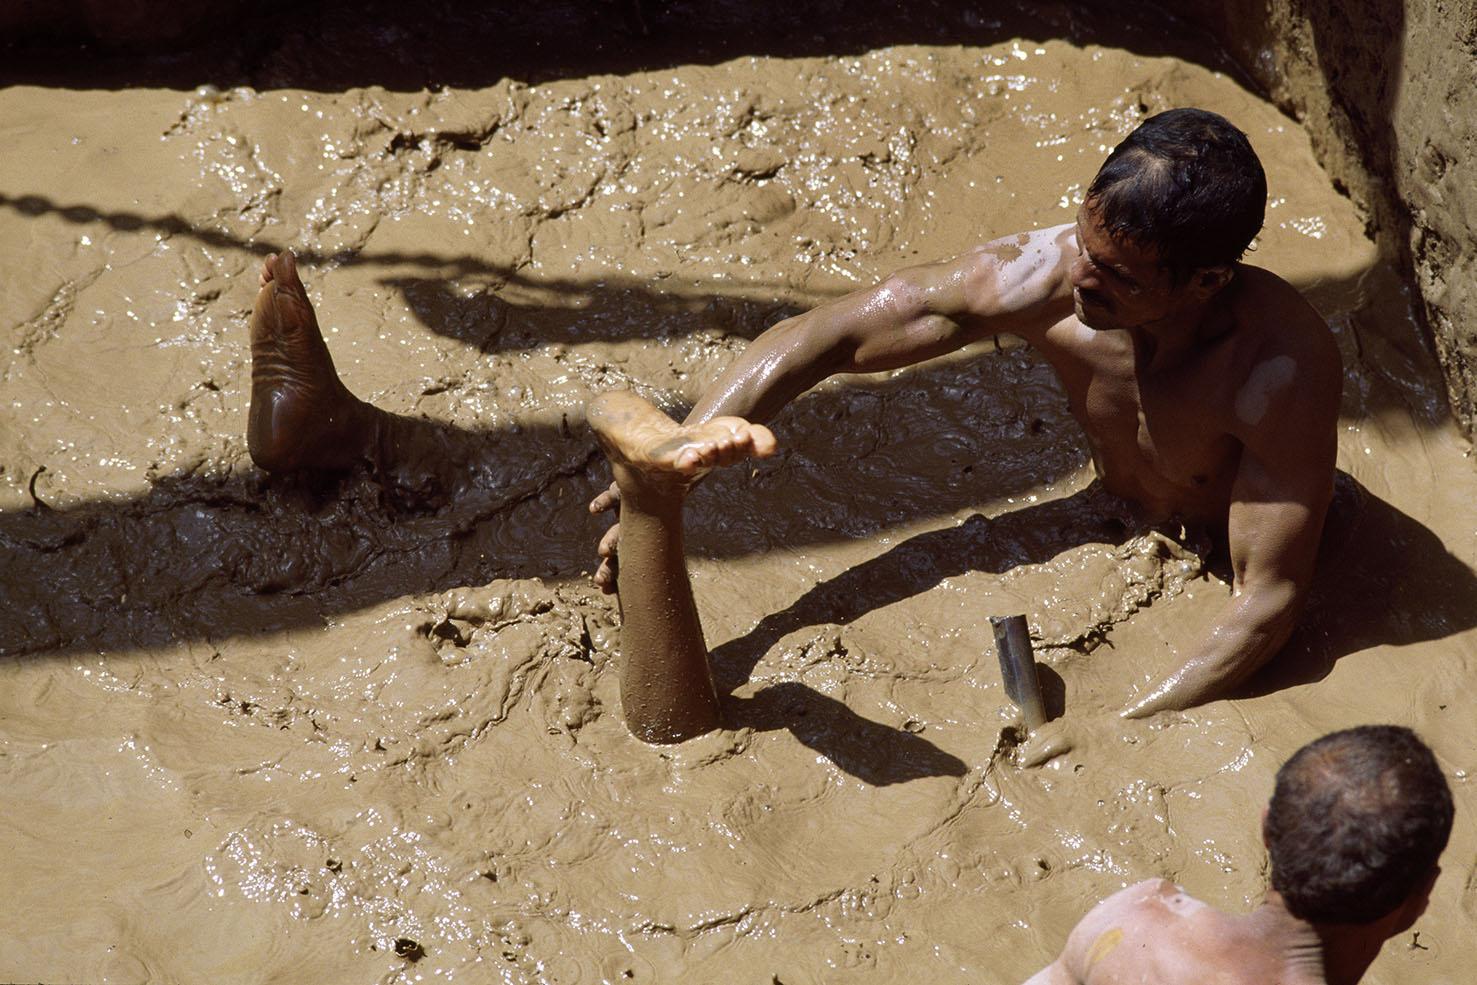 Mauro Galligani - Luxor, Egitto, 1989. Quasi una resurrezione. Durante i lavori di consolidamento nel cortile del tempio di Amenophis III, tornano alla luce dopo tremila anni le statue del re Horemheb, del dio Atum e della dea Hathor, sovrana dell'amore e della bellezza. Per recuperare i preziosi reperti, gli operai si immergono in apnea nel fango e lavorano con le mani e piccoli scandagli.